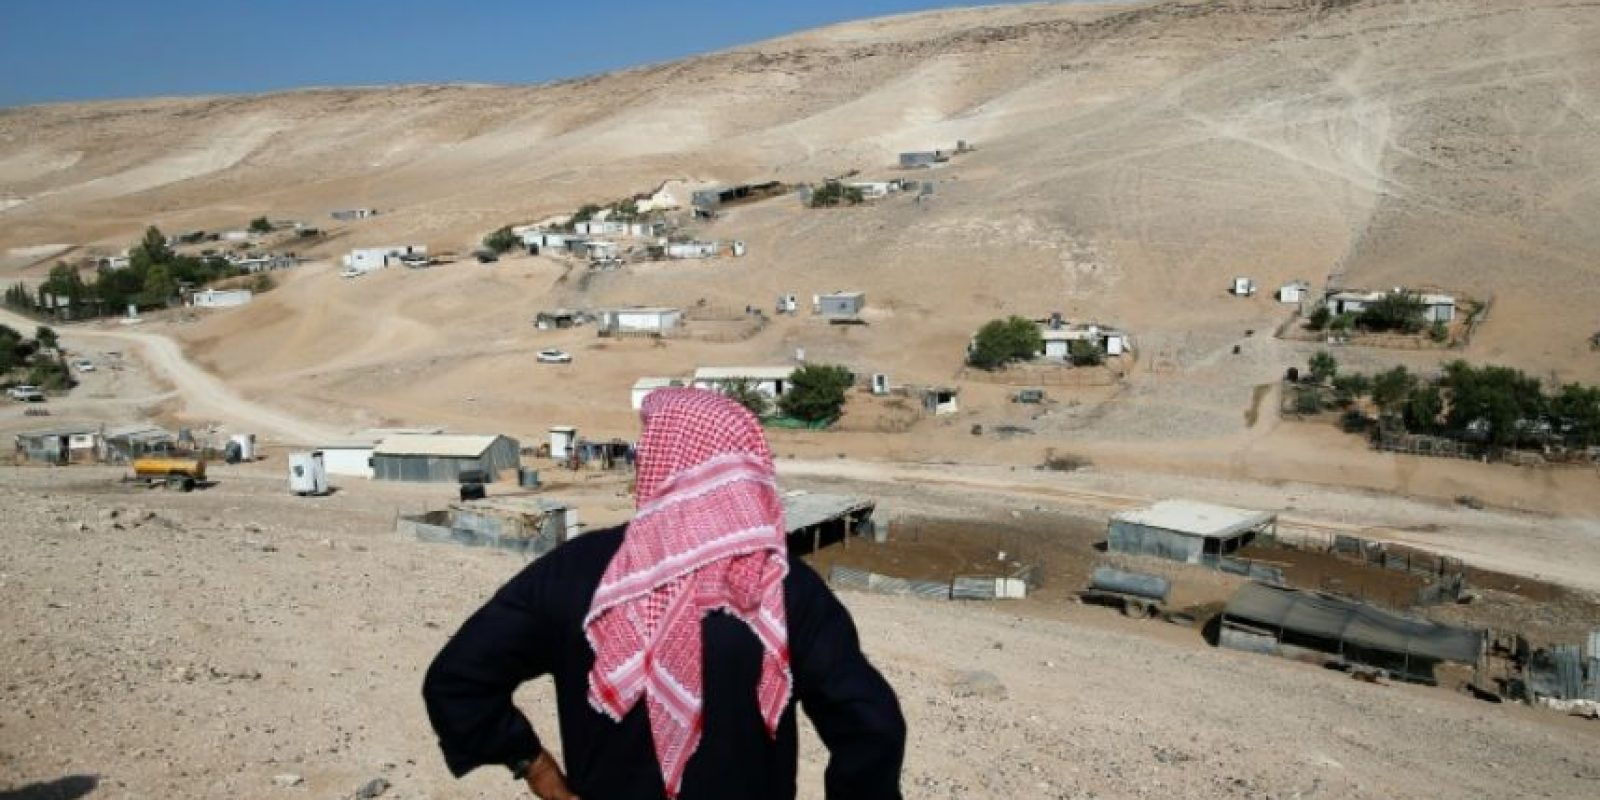 El beduino Abu Yusef, observa desde una colina su casa en la localidad de Wadi Abu Hindi, cerca de Al Azariya, en la Cisjordania ocupada, el 10 de octubre de 2016 Foto:Ahmad Gharabli/afp.com